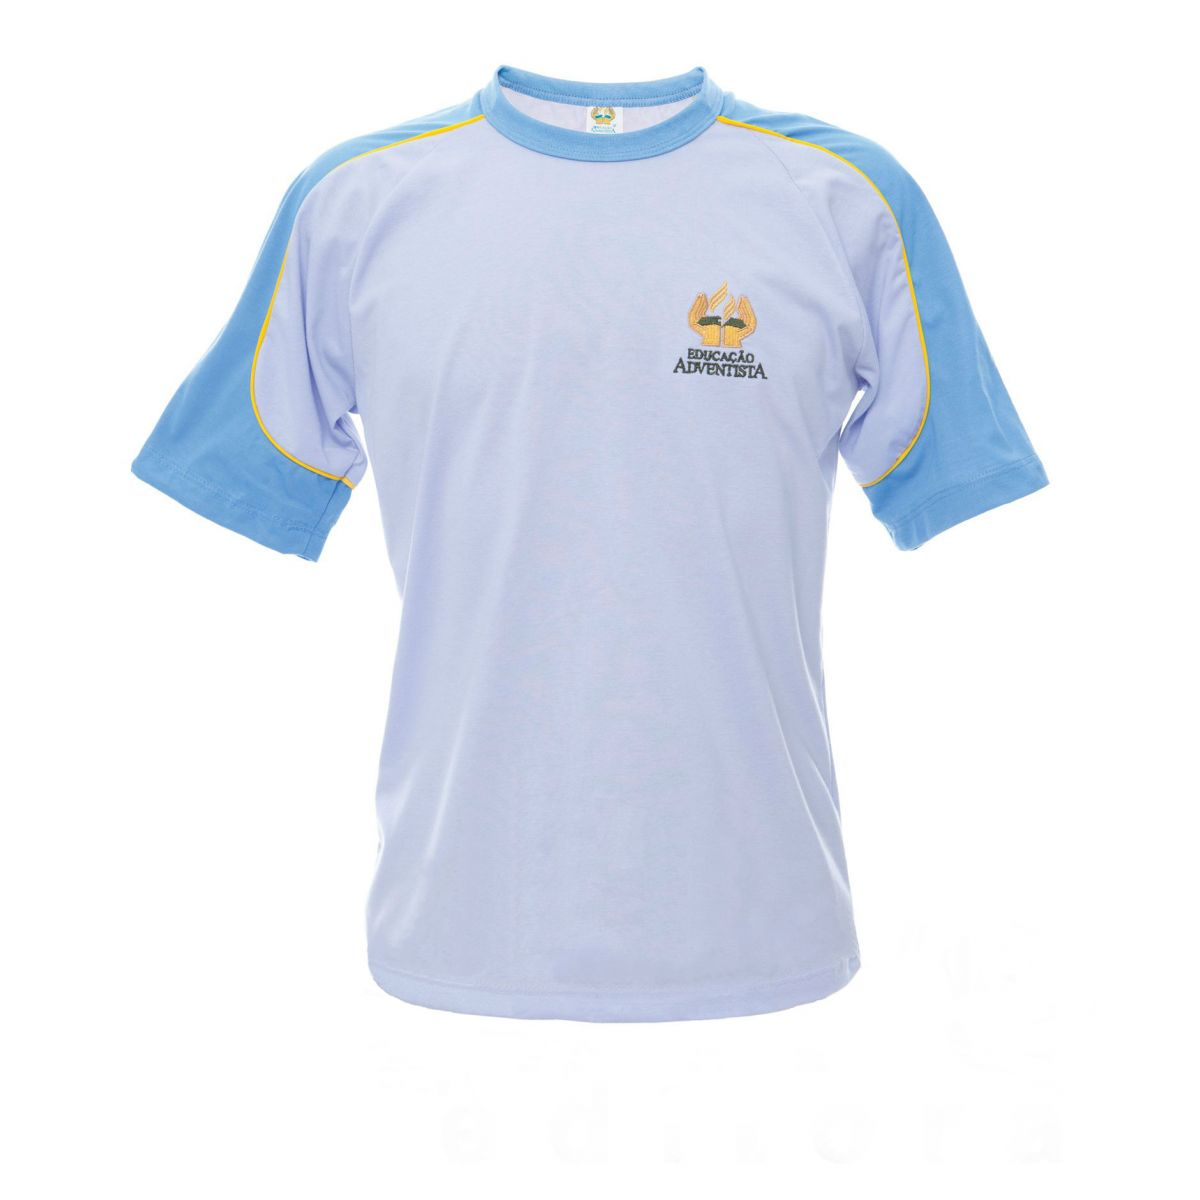 Camiseta Manga Curta - GGA ( 54 )